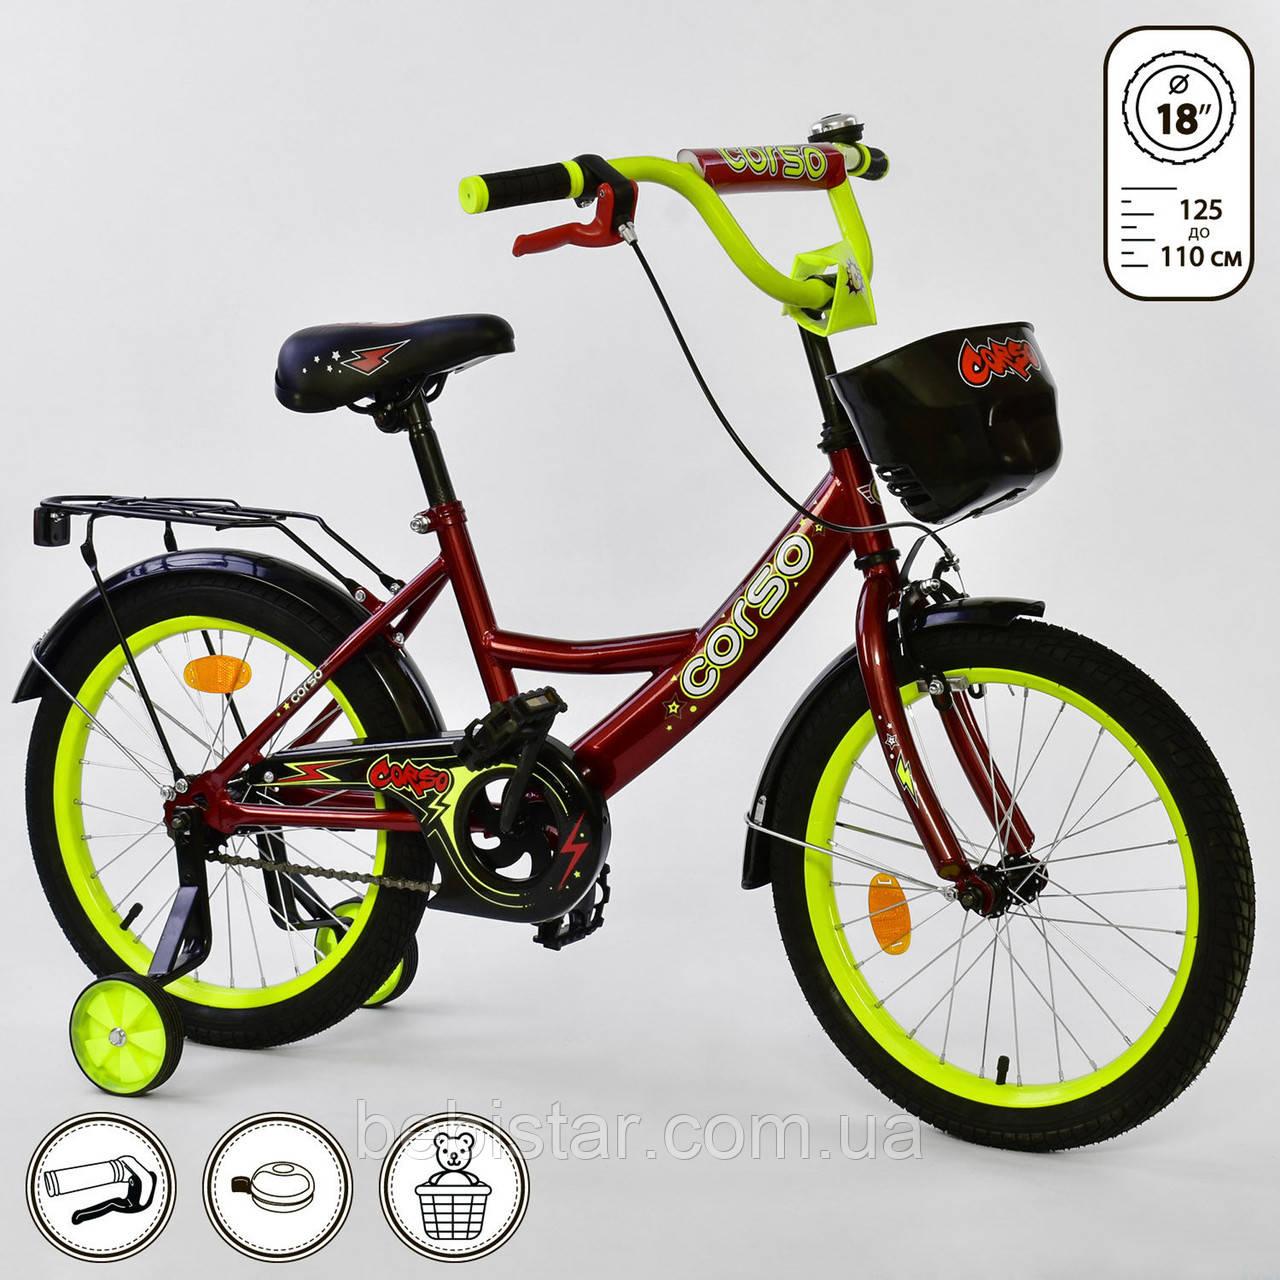 """Дитячий двоколісний велосипед бордовий, додаткові колеса, ручне гальмо Corso 18"""" дітям 5-7 років"""